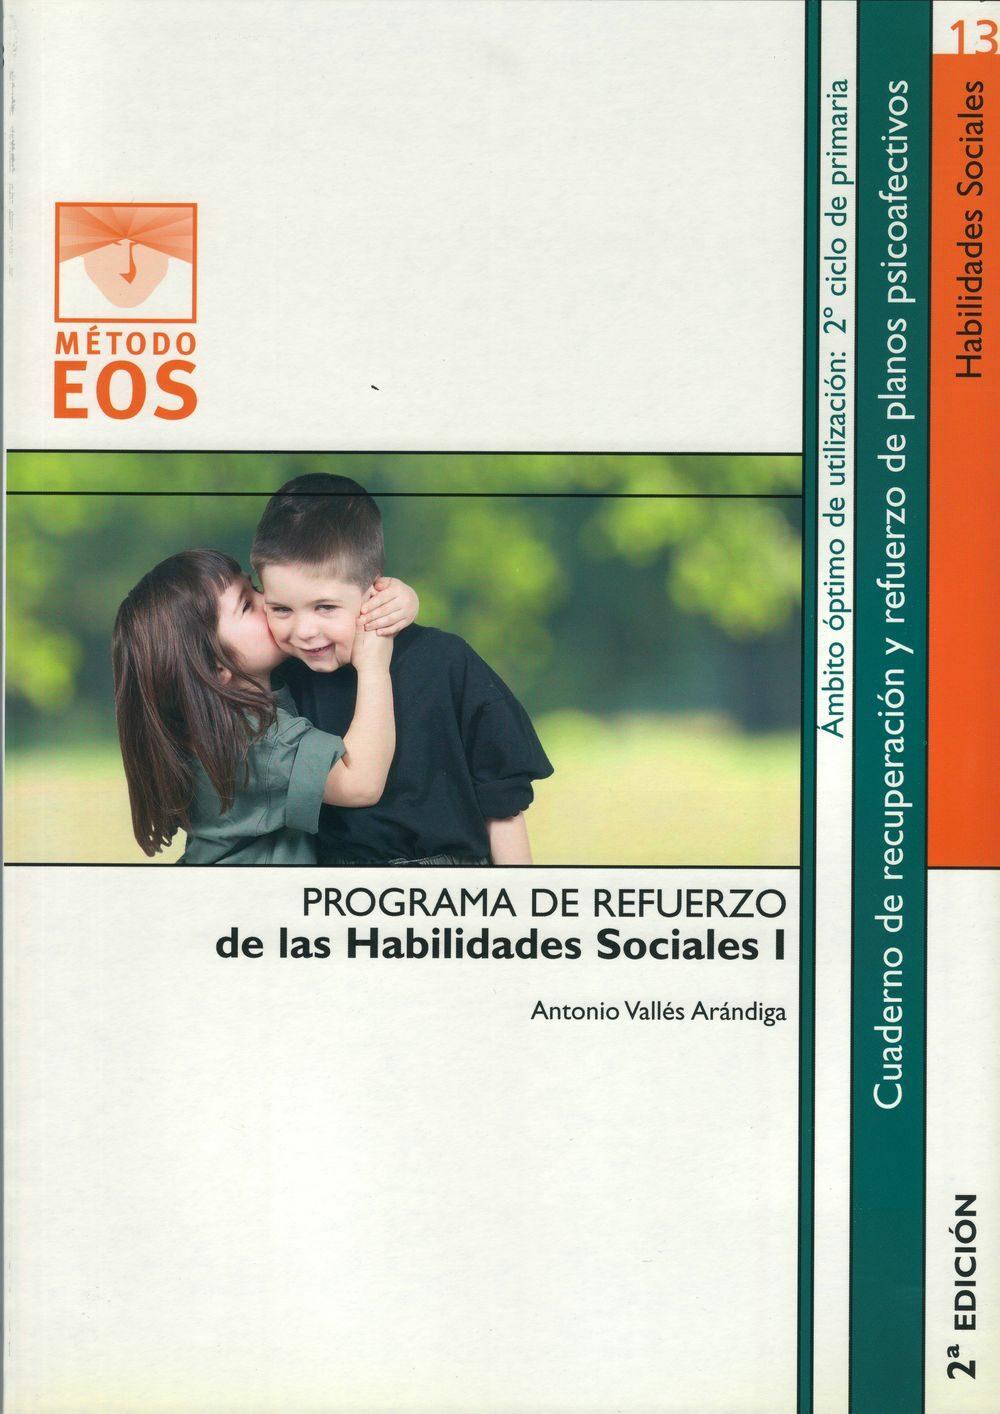 programa de refuerzo de las habilidades sociales i (2ª ed.)-antonio valles arandiga-9788497271004